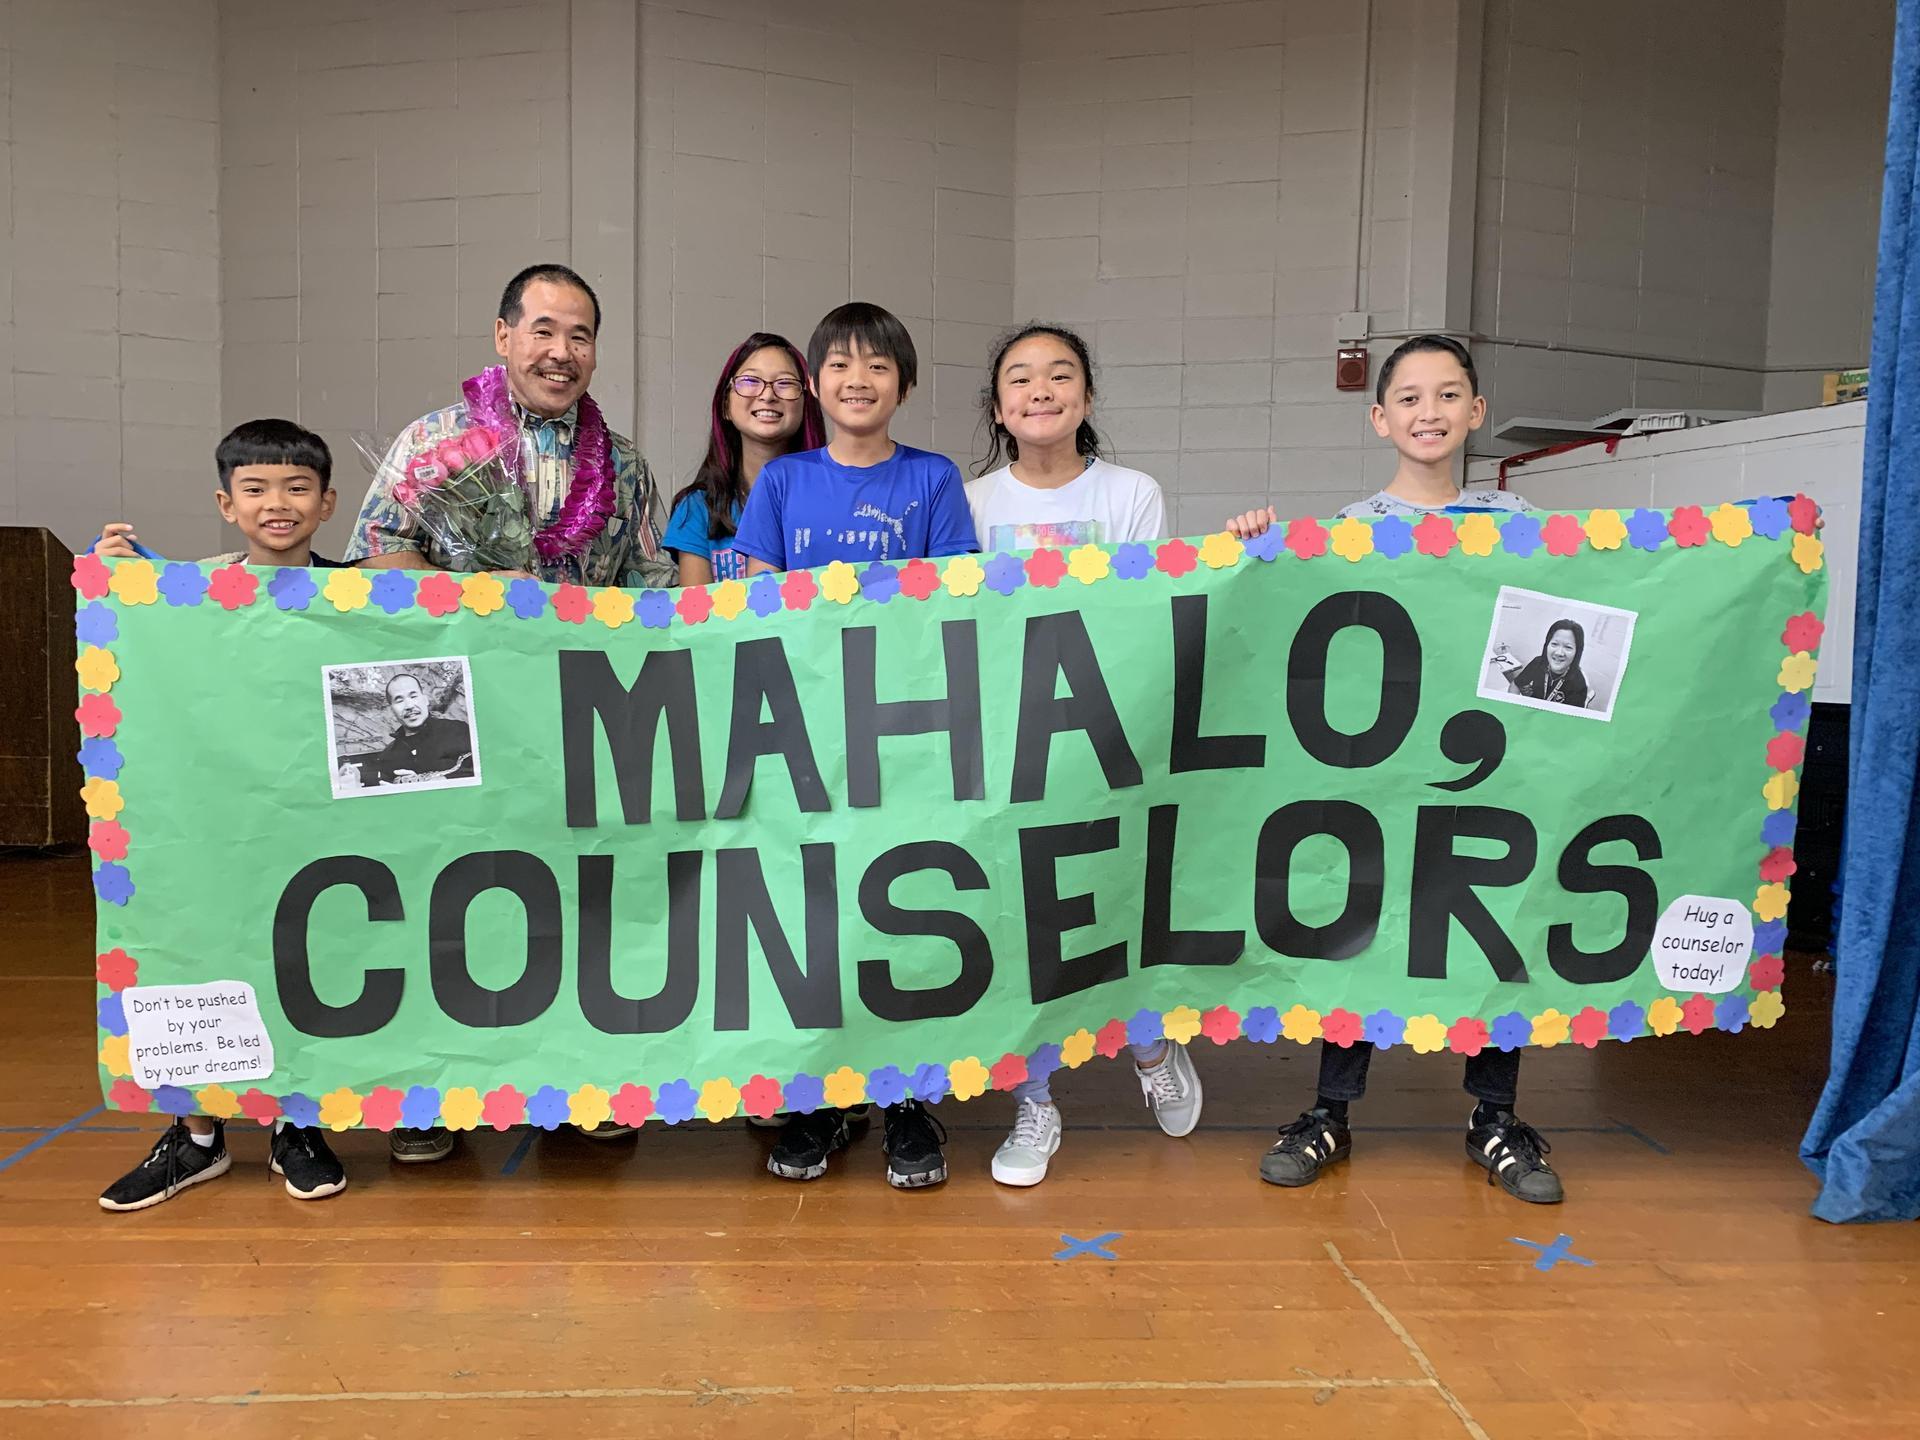 Mahalo counselors